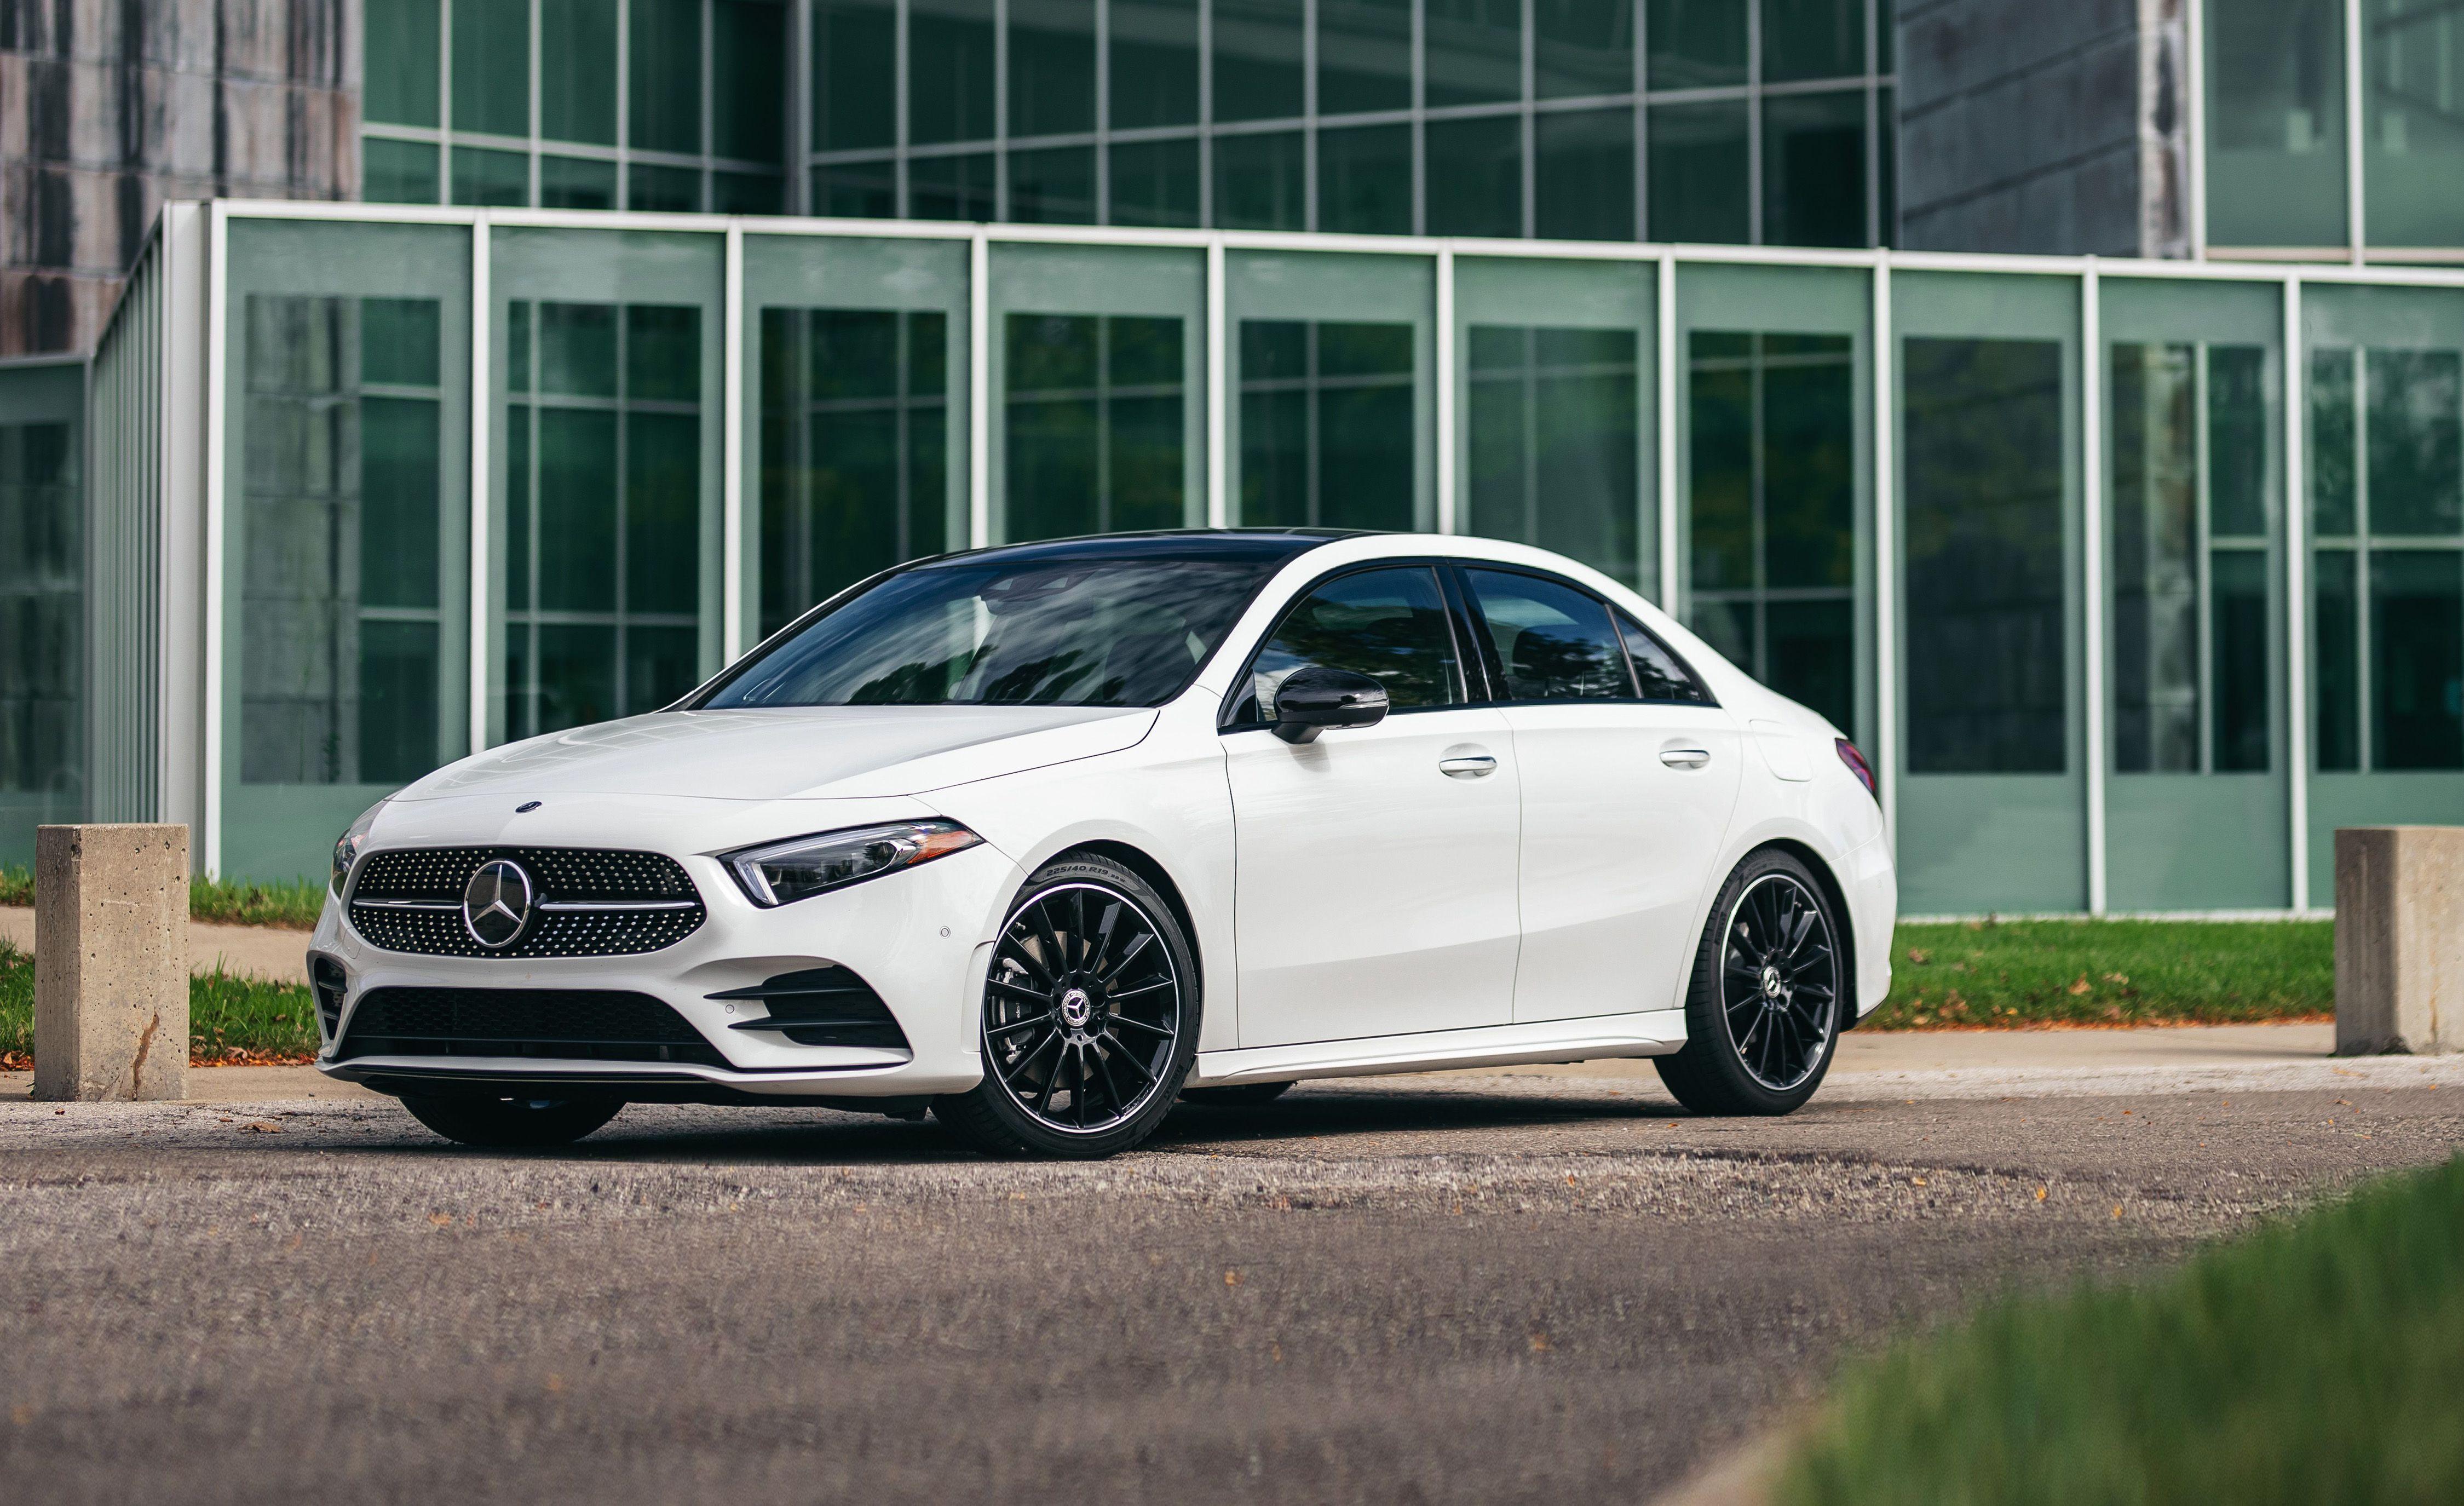 2019 Mercedes Benz A Class Reviews Mercedes Benz A Class Price